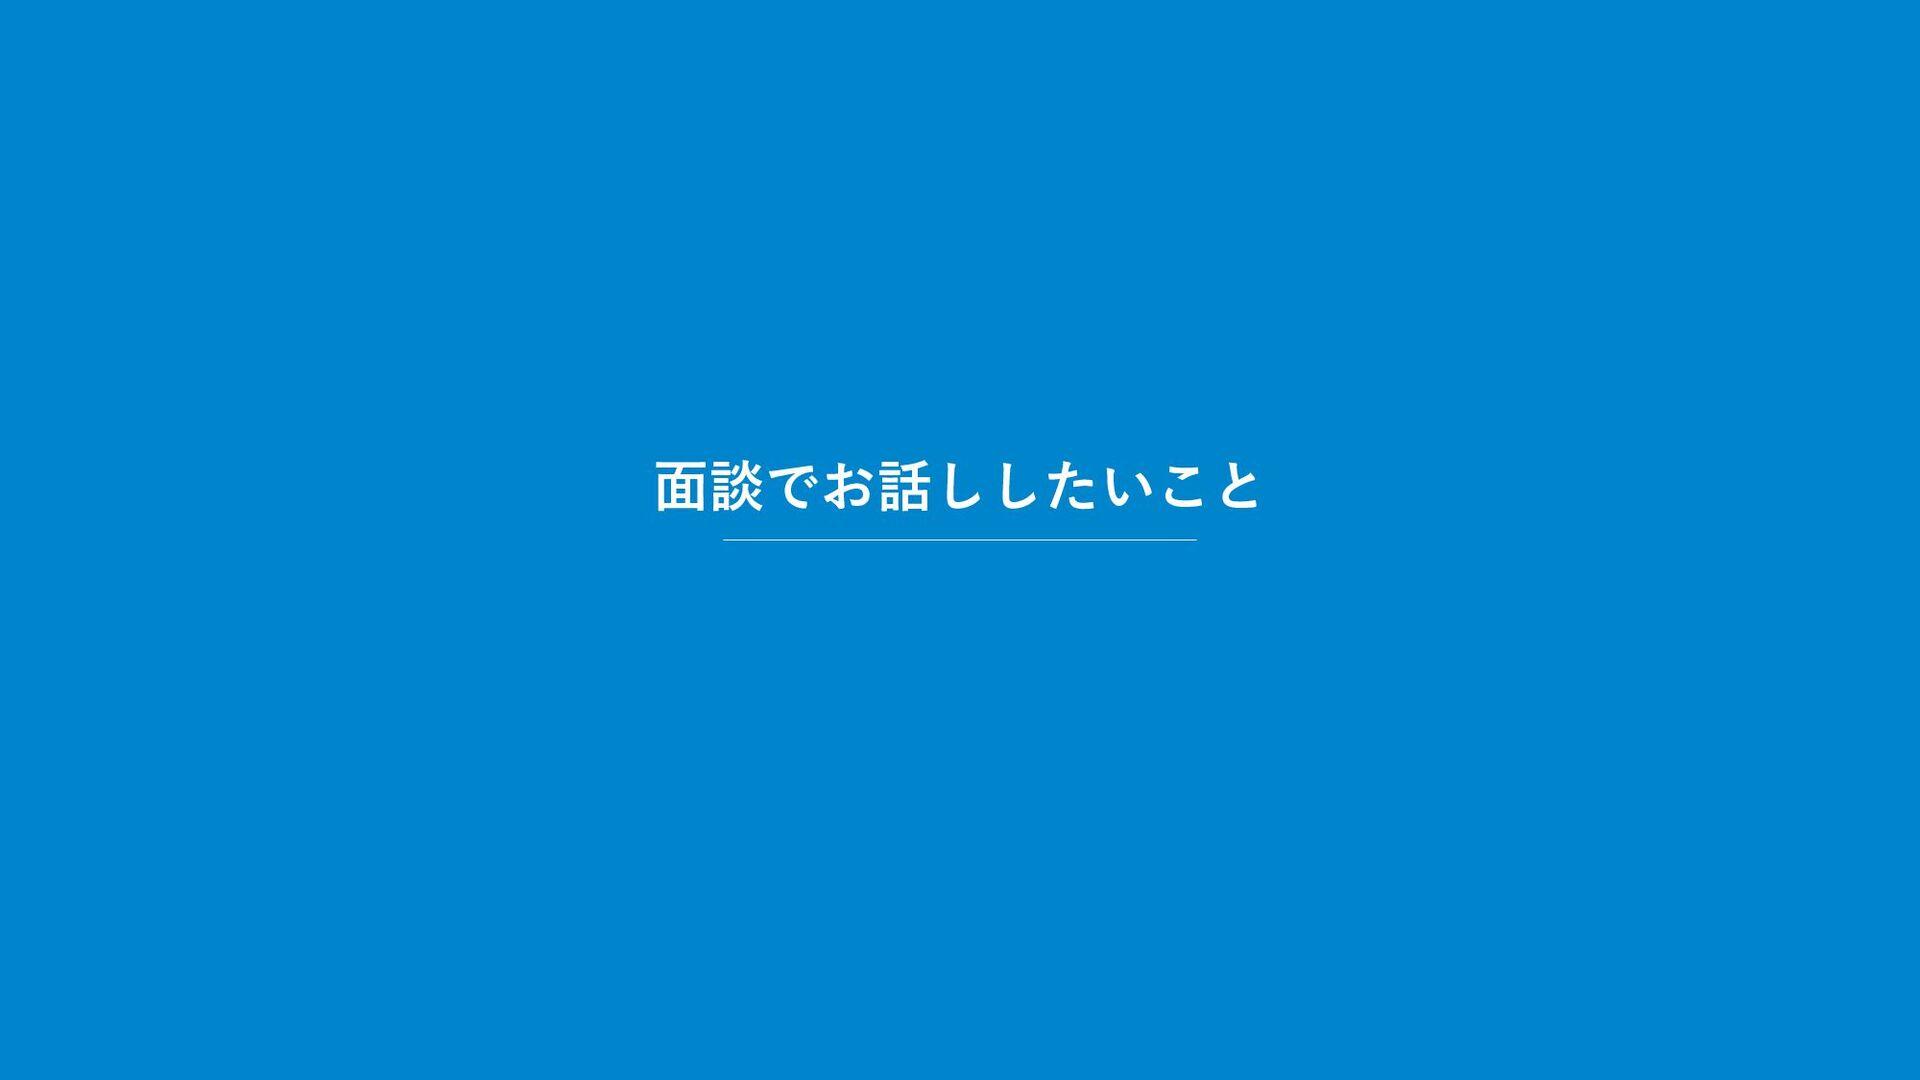 在留資格の種類 入出国在留管理庁:新たな外国人材受入れ(在留資格「特定技能」の創設等) htt...